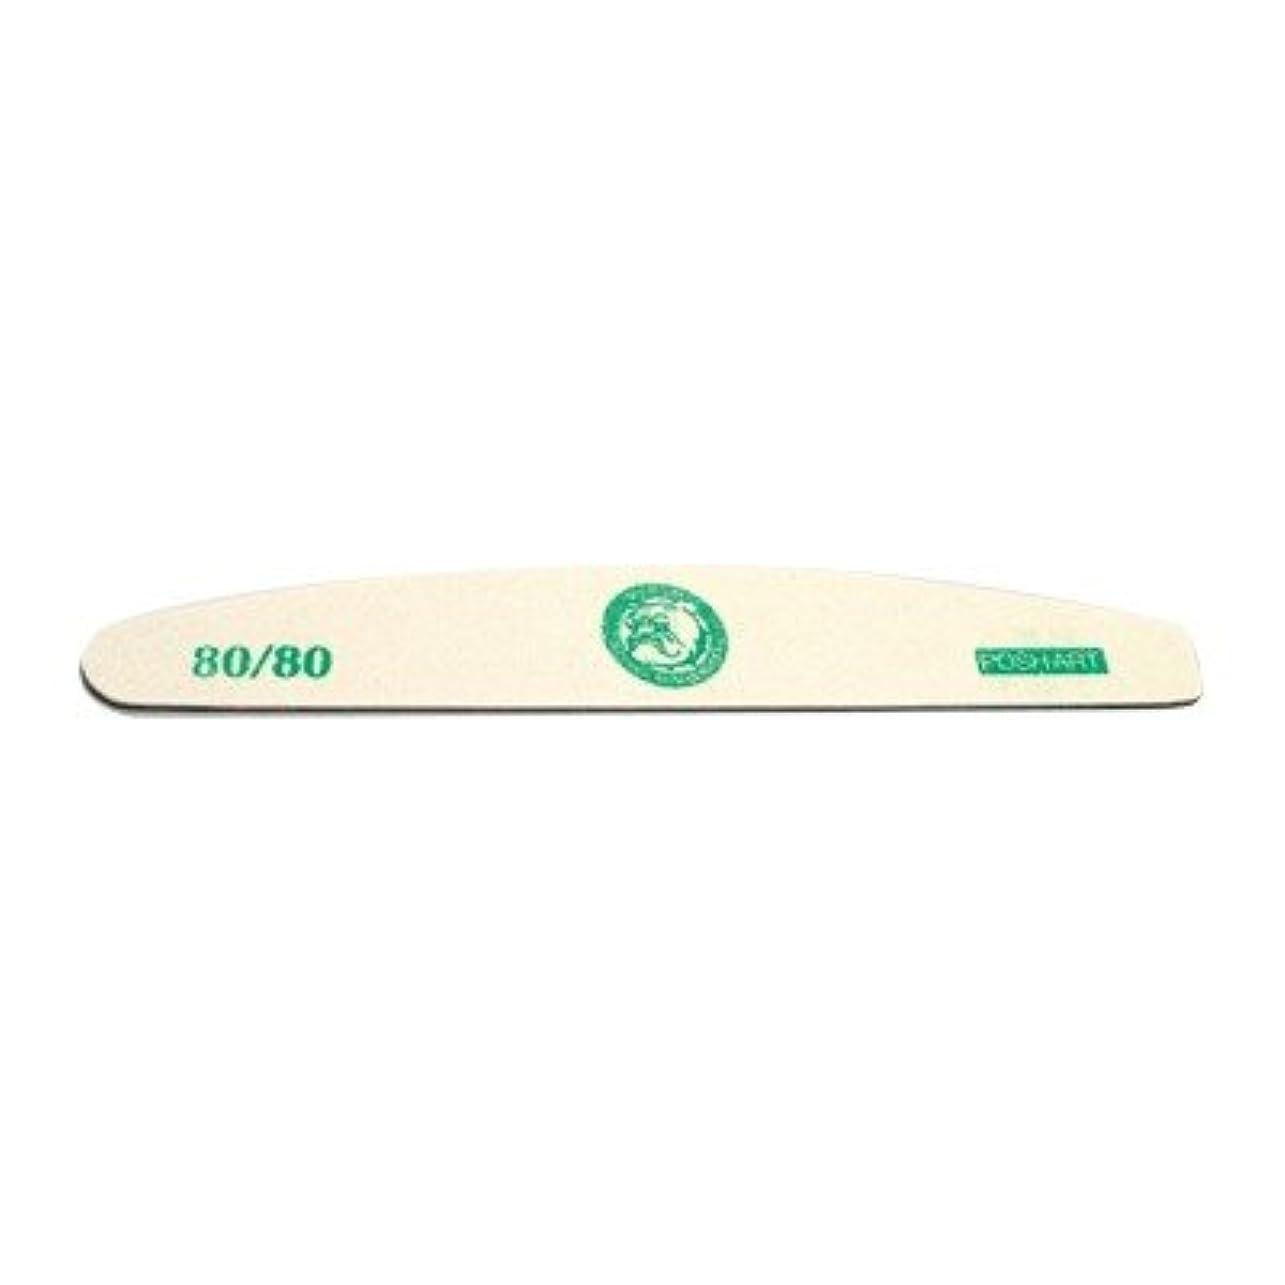 高く見分ける幻滅POSH ART ブルファイル 80/80G